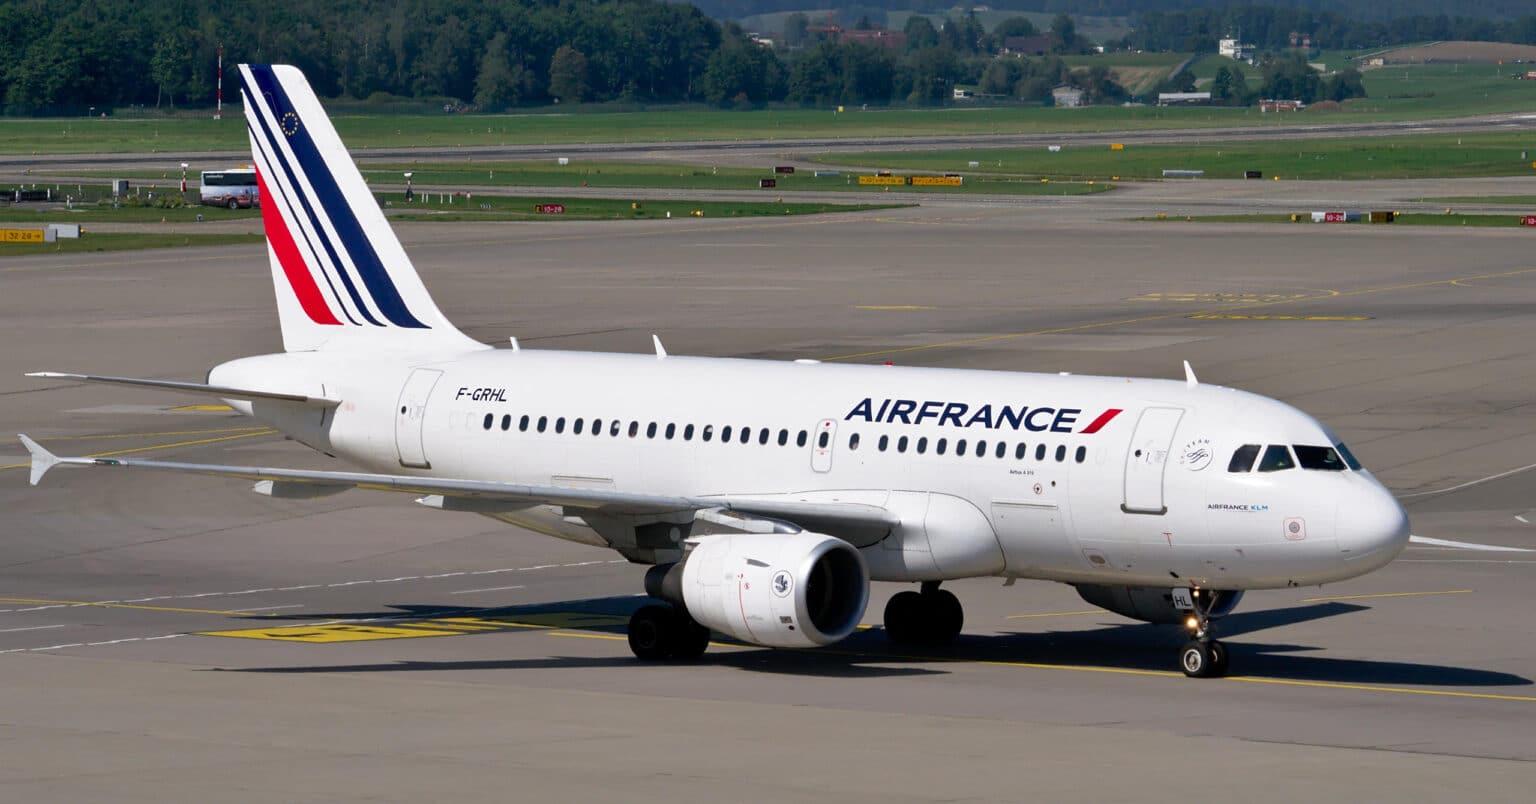 Airbus 319 de Air France, empleado para hacer vuelos domésticos en Francia